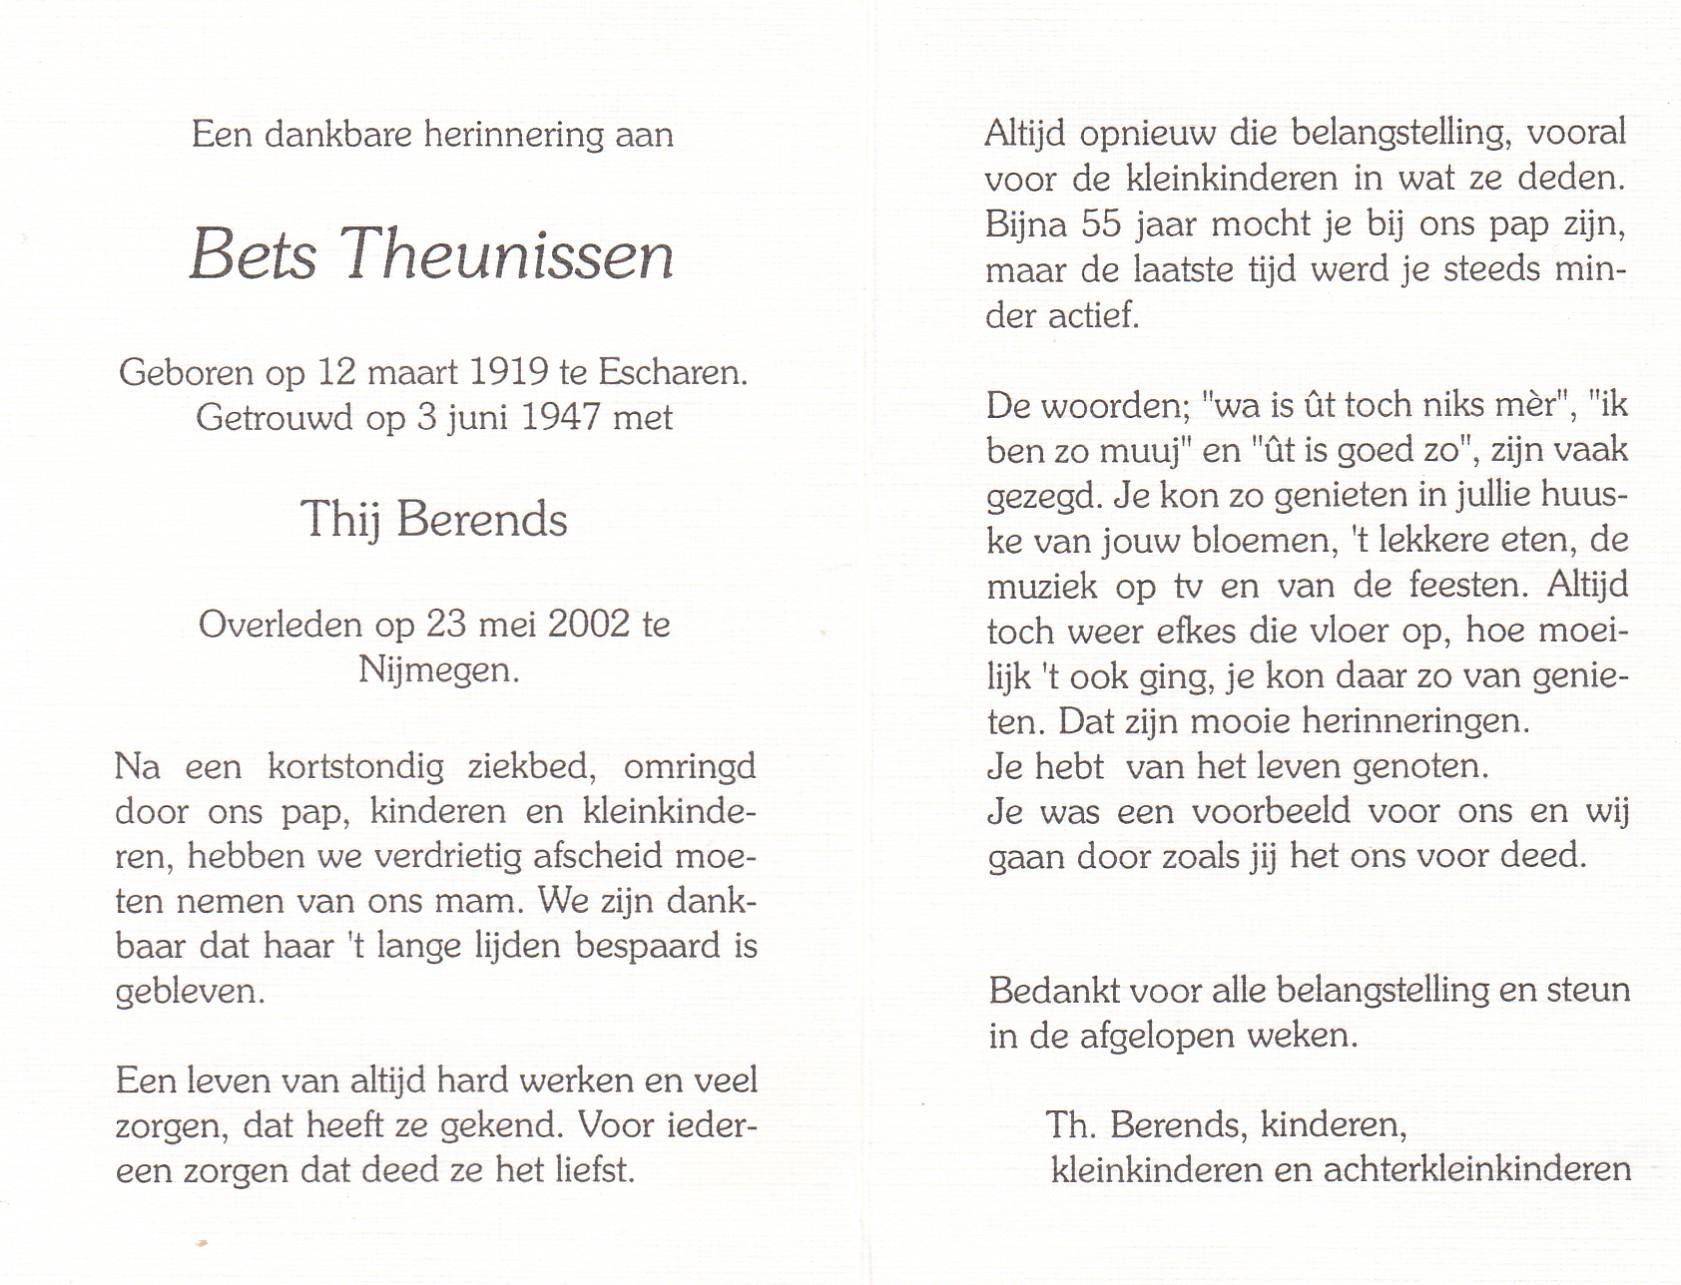 Bidprentje Bets Theunissen